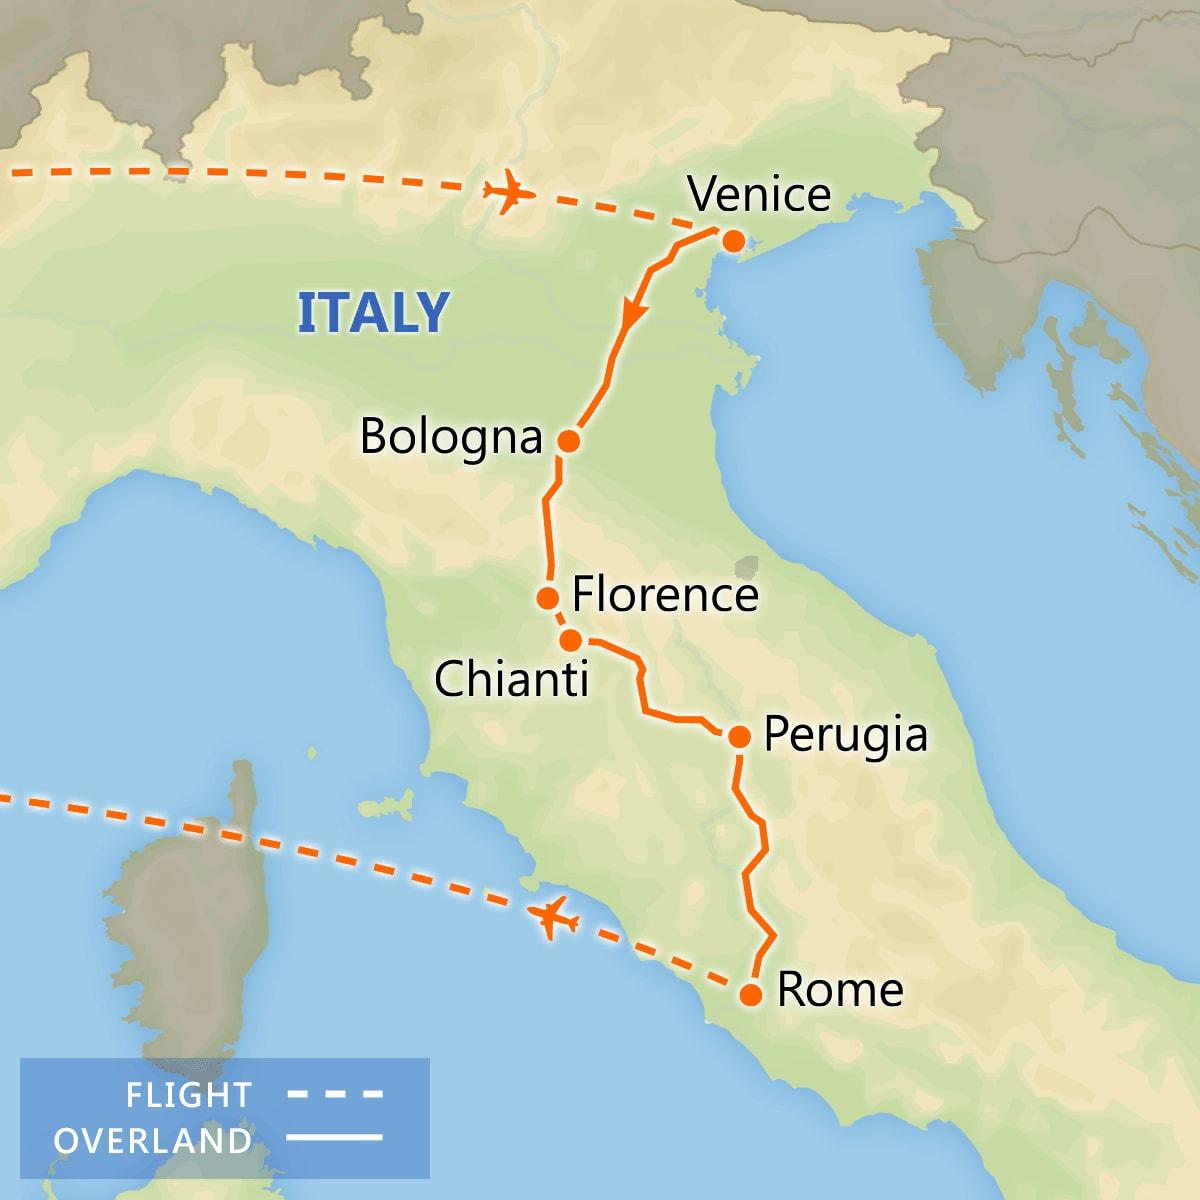 Italian Treasures itinerary